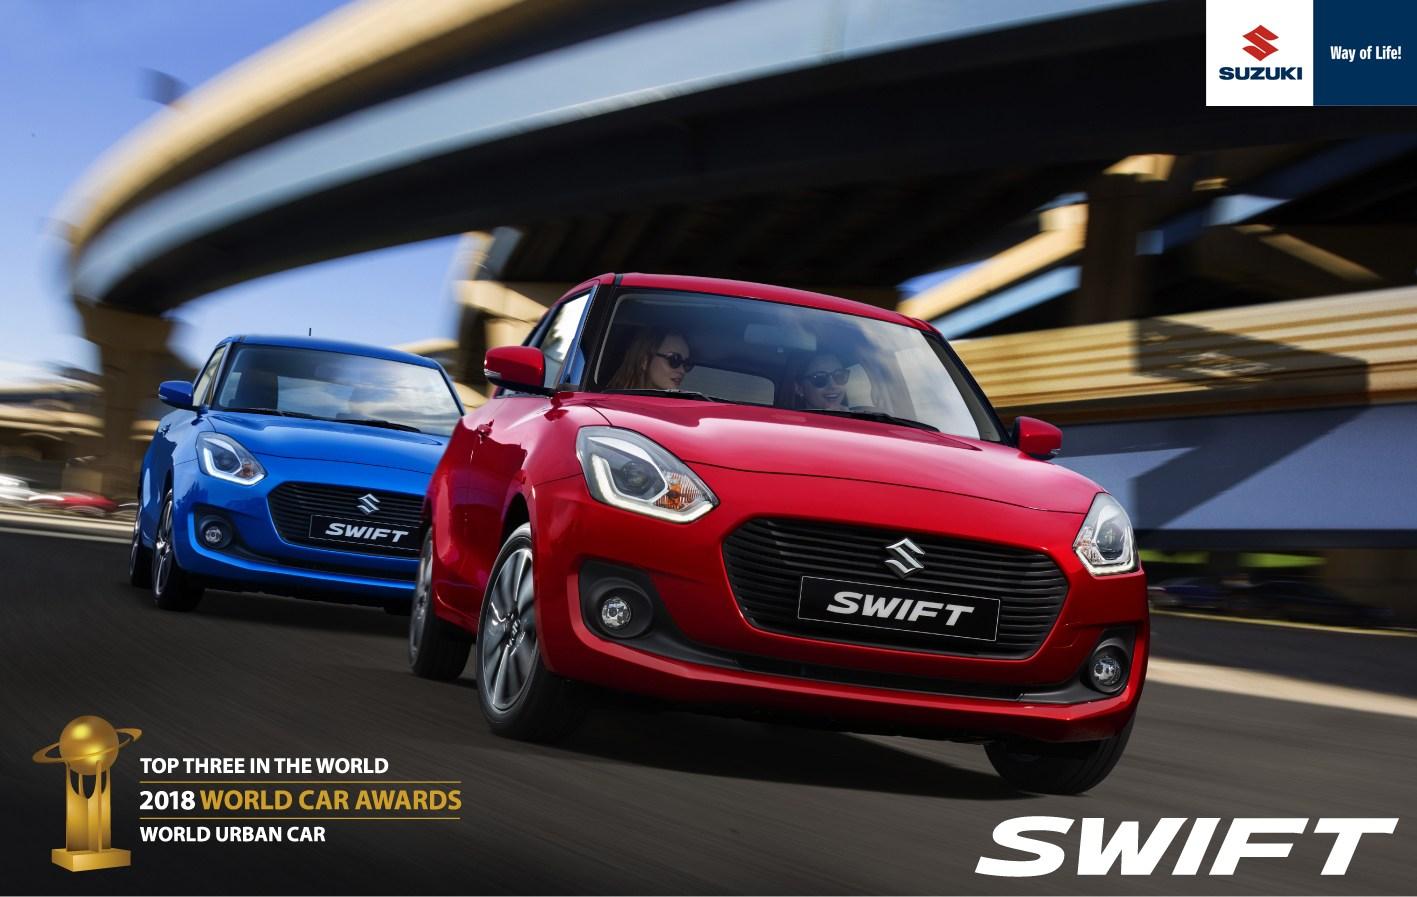 Φιναλίστ του World Urban Car 2018 το Suzuki SWIFT